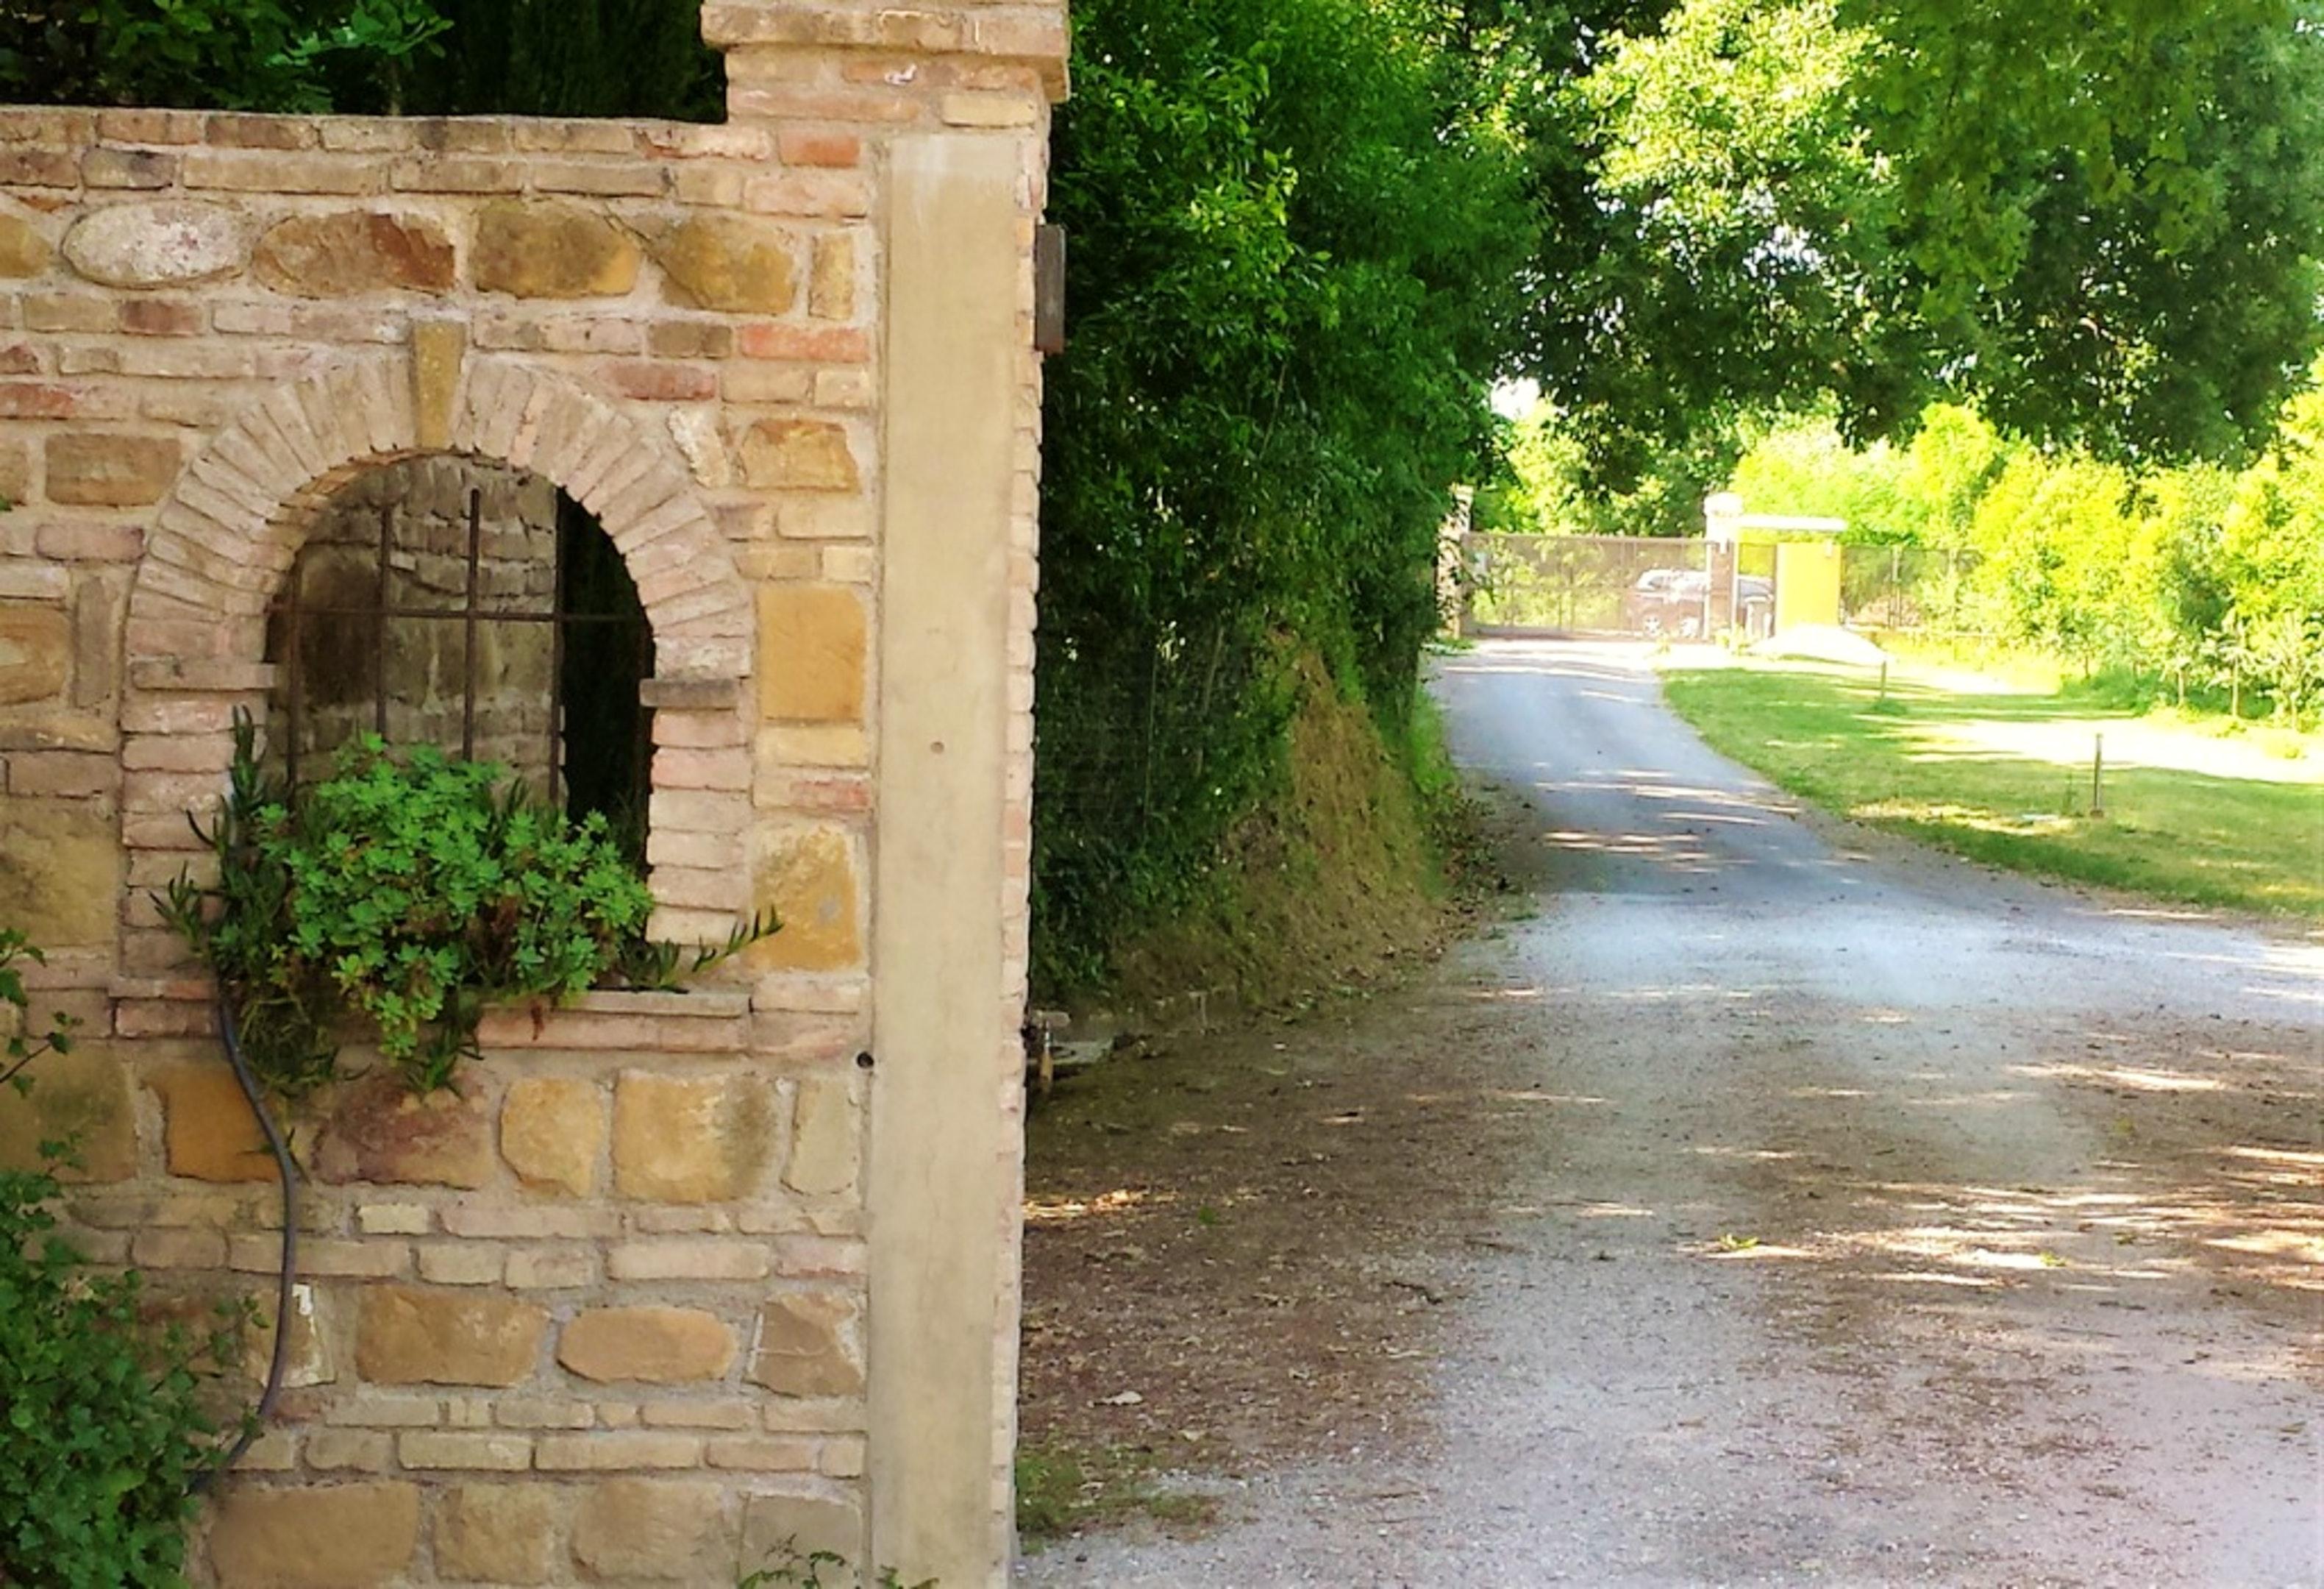 Ferienhaus Villa mit 5 Schlafzimmern in Pesaro mit privatem Pool, eingezäuntem Garten und W-LAN - 3 k (2202299), Pesaro, Pesaro und Urbino, Marken, Italien, Bild 19